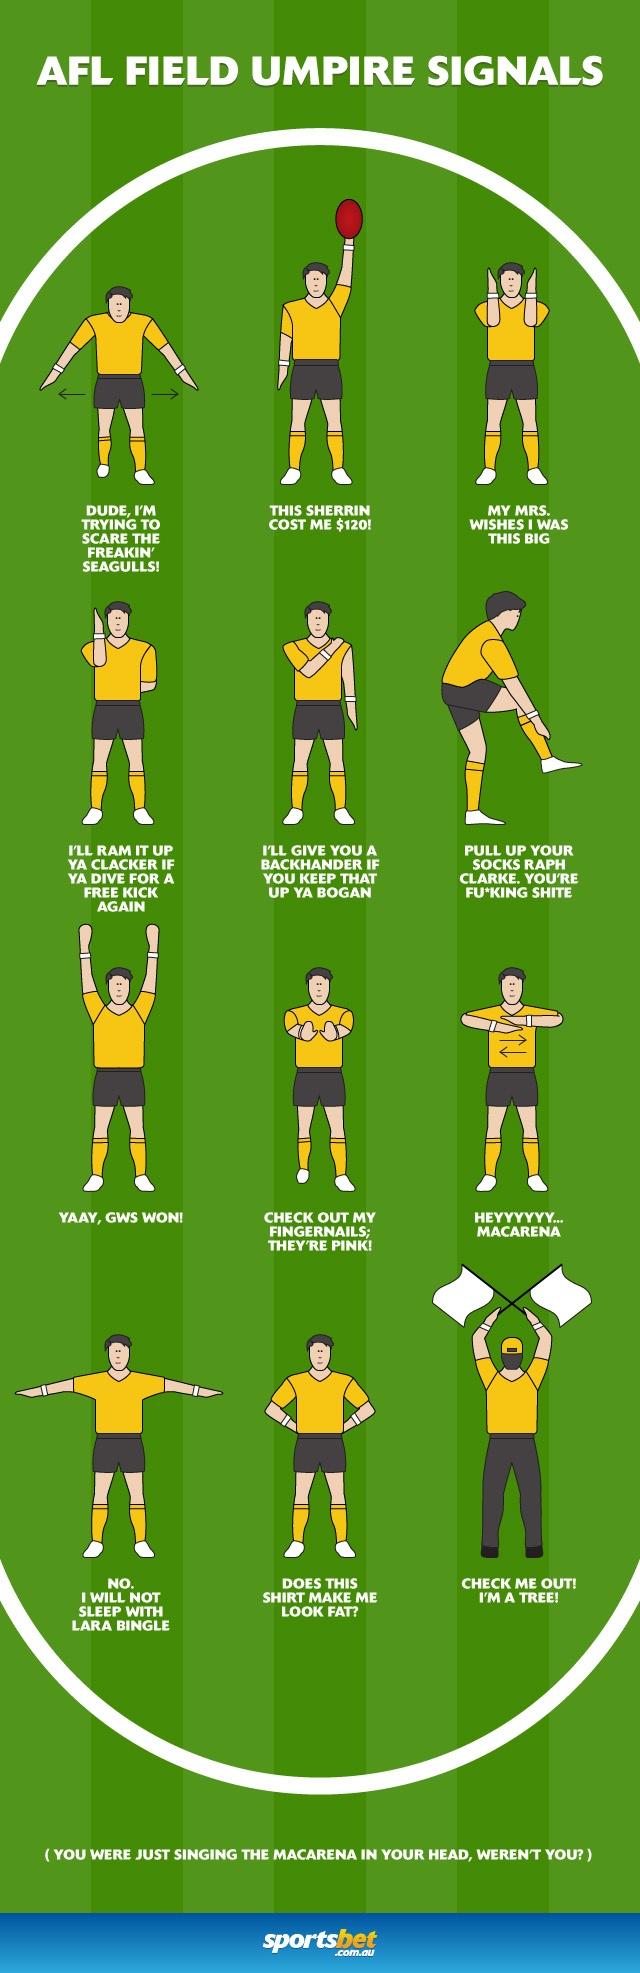 AFL Umpire Signals - Infographic - Sportsbet.com.au